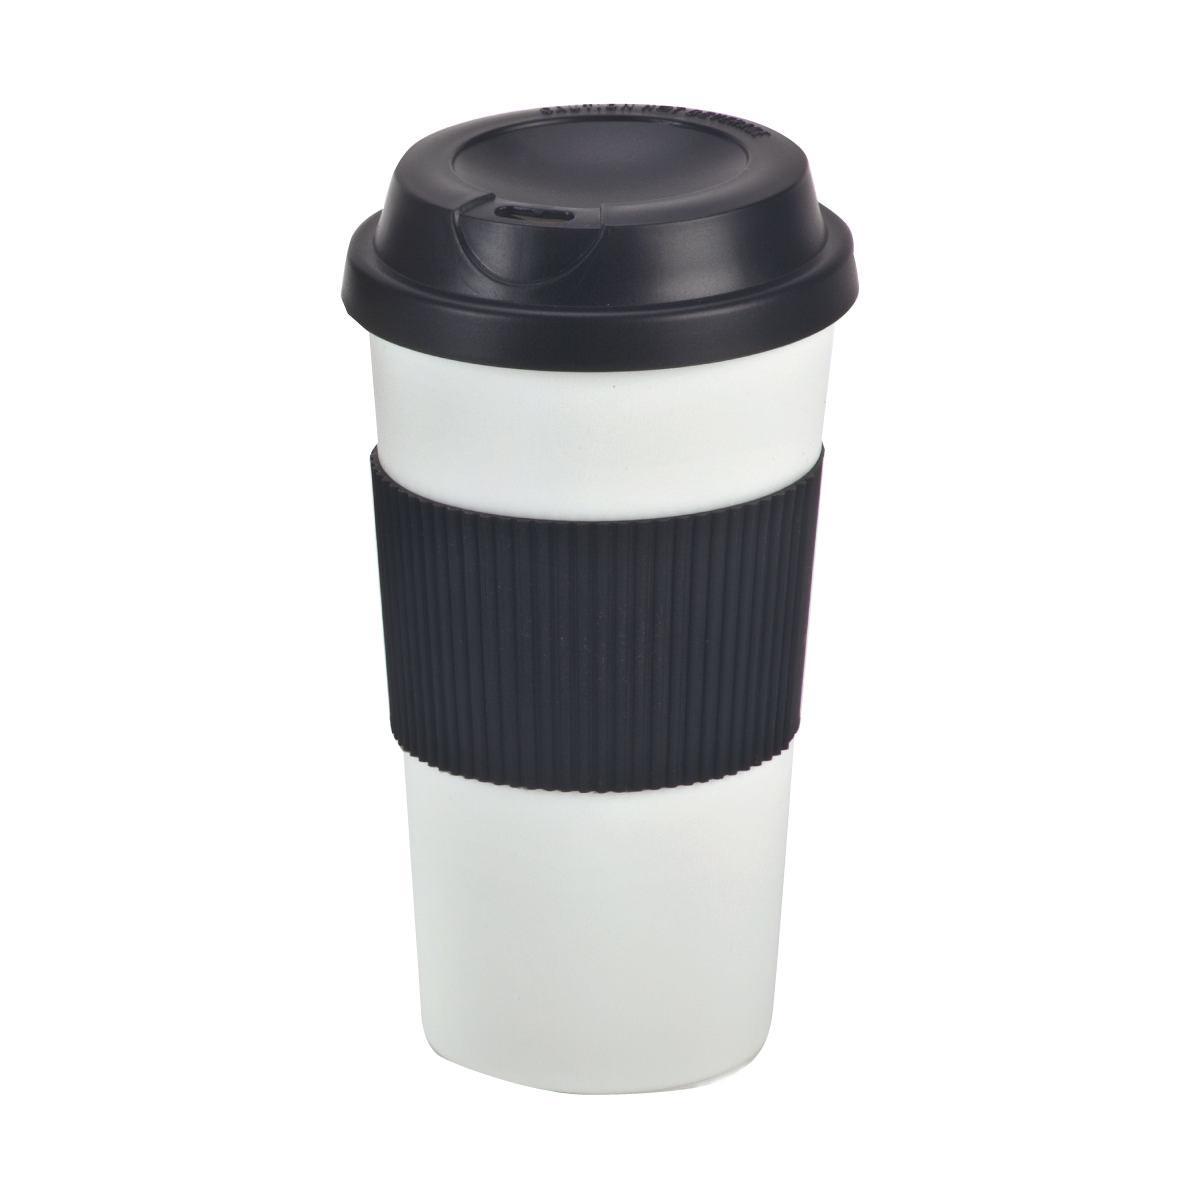 כוס טרמית, דופן כפולה - ליה